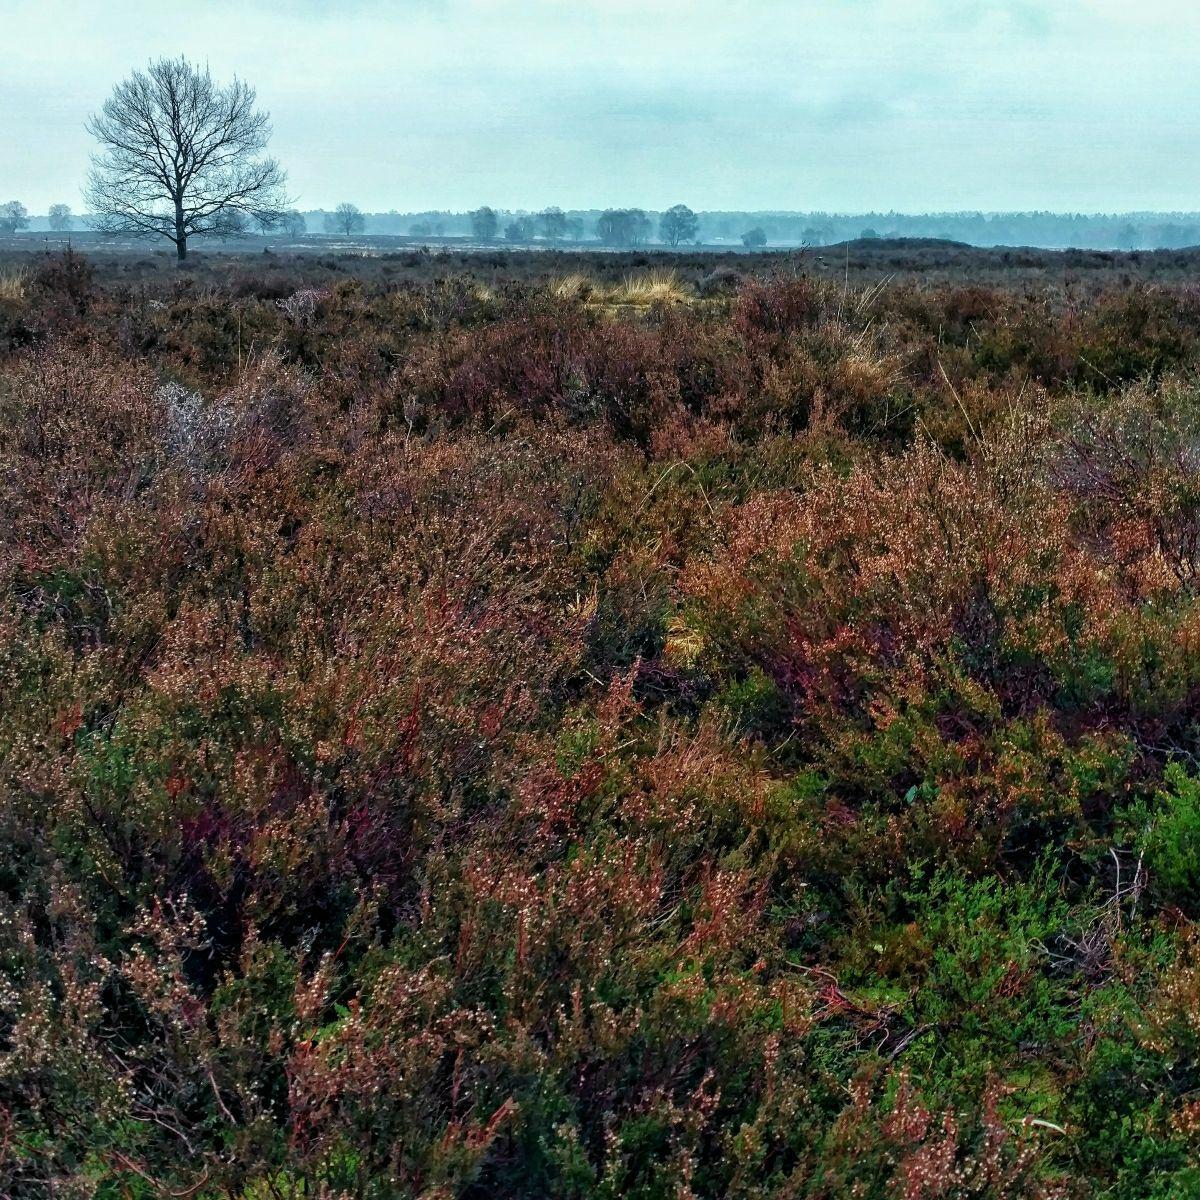 Hiking in the Netherlands: Heathlands, Veluwe - Gelderland